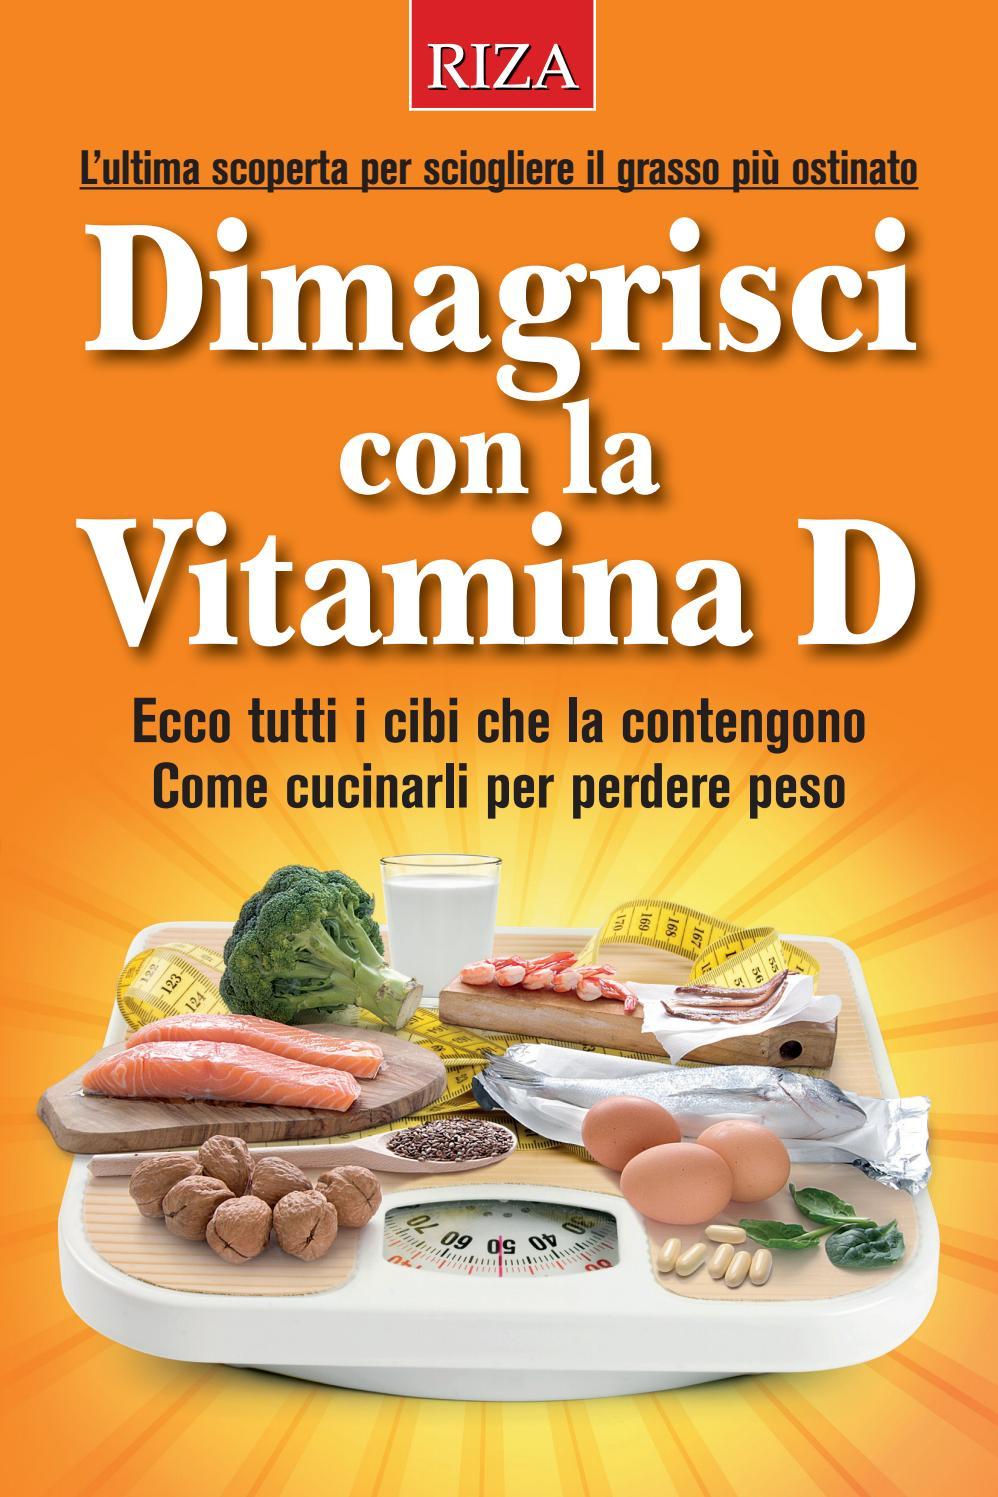 alimenti per dimagrire la vitamina e